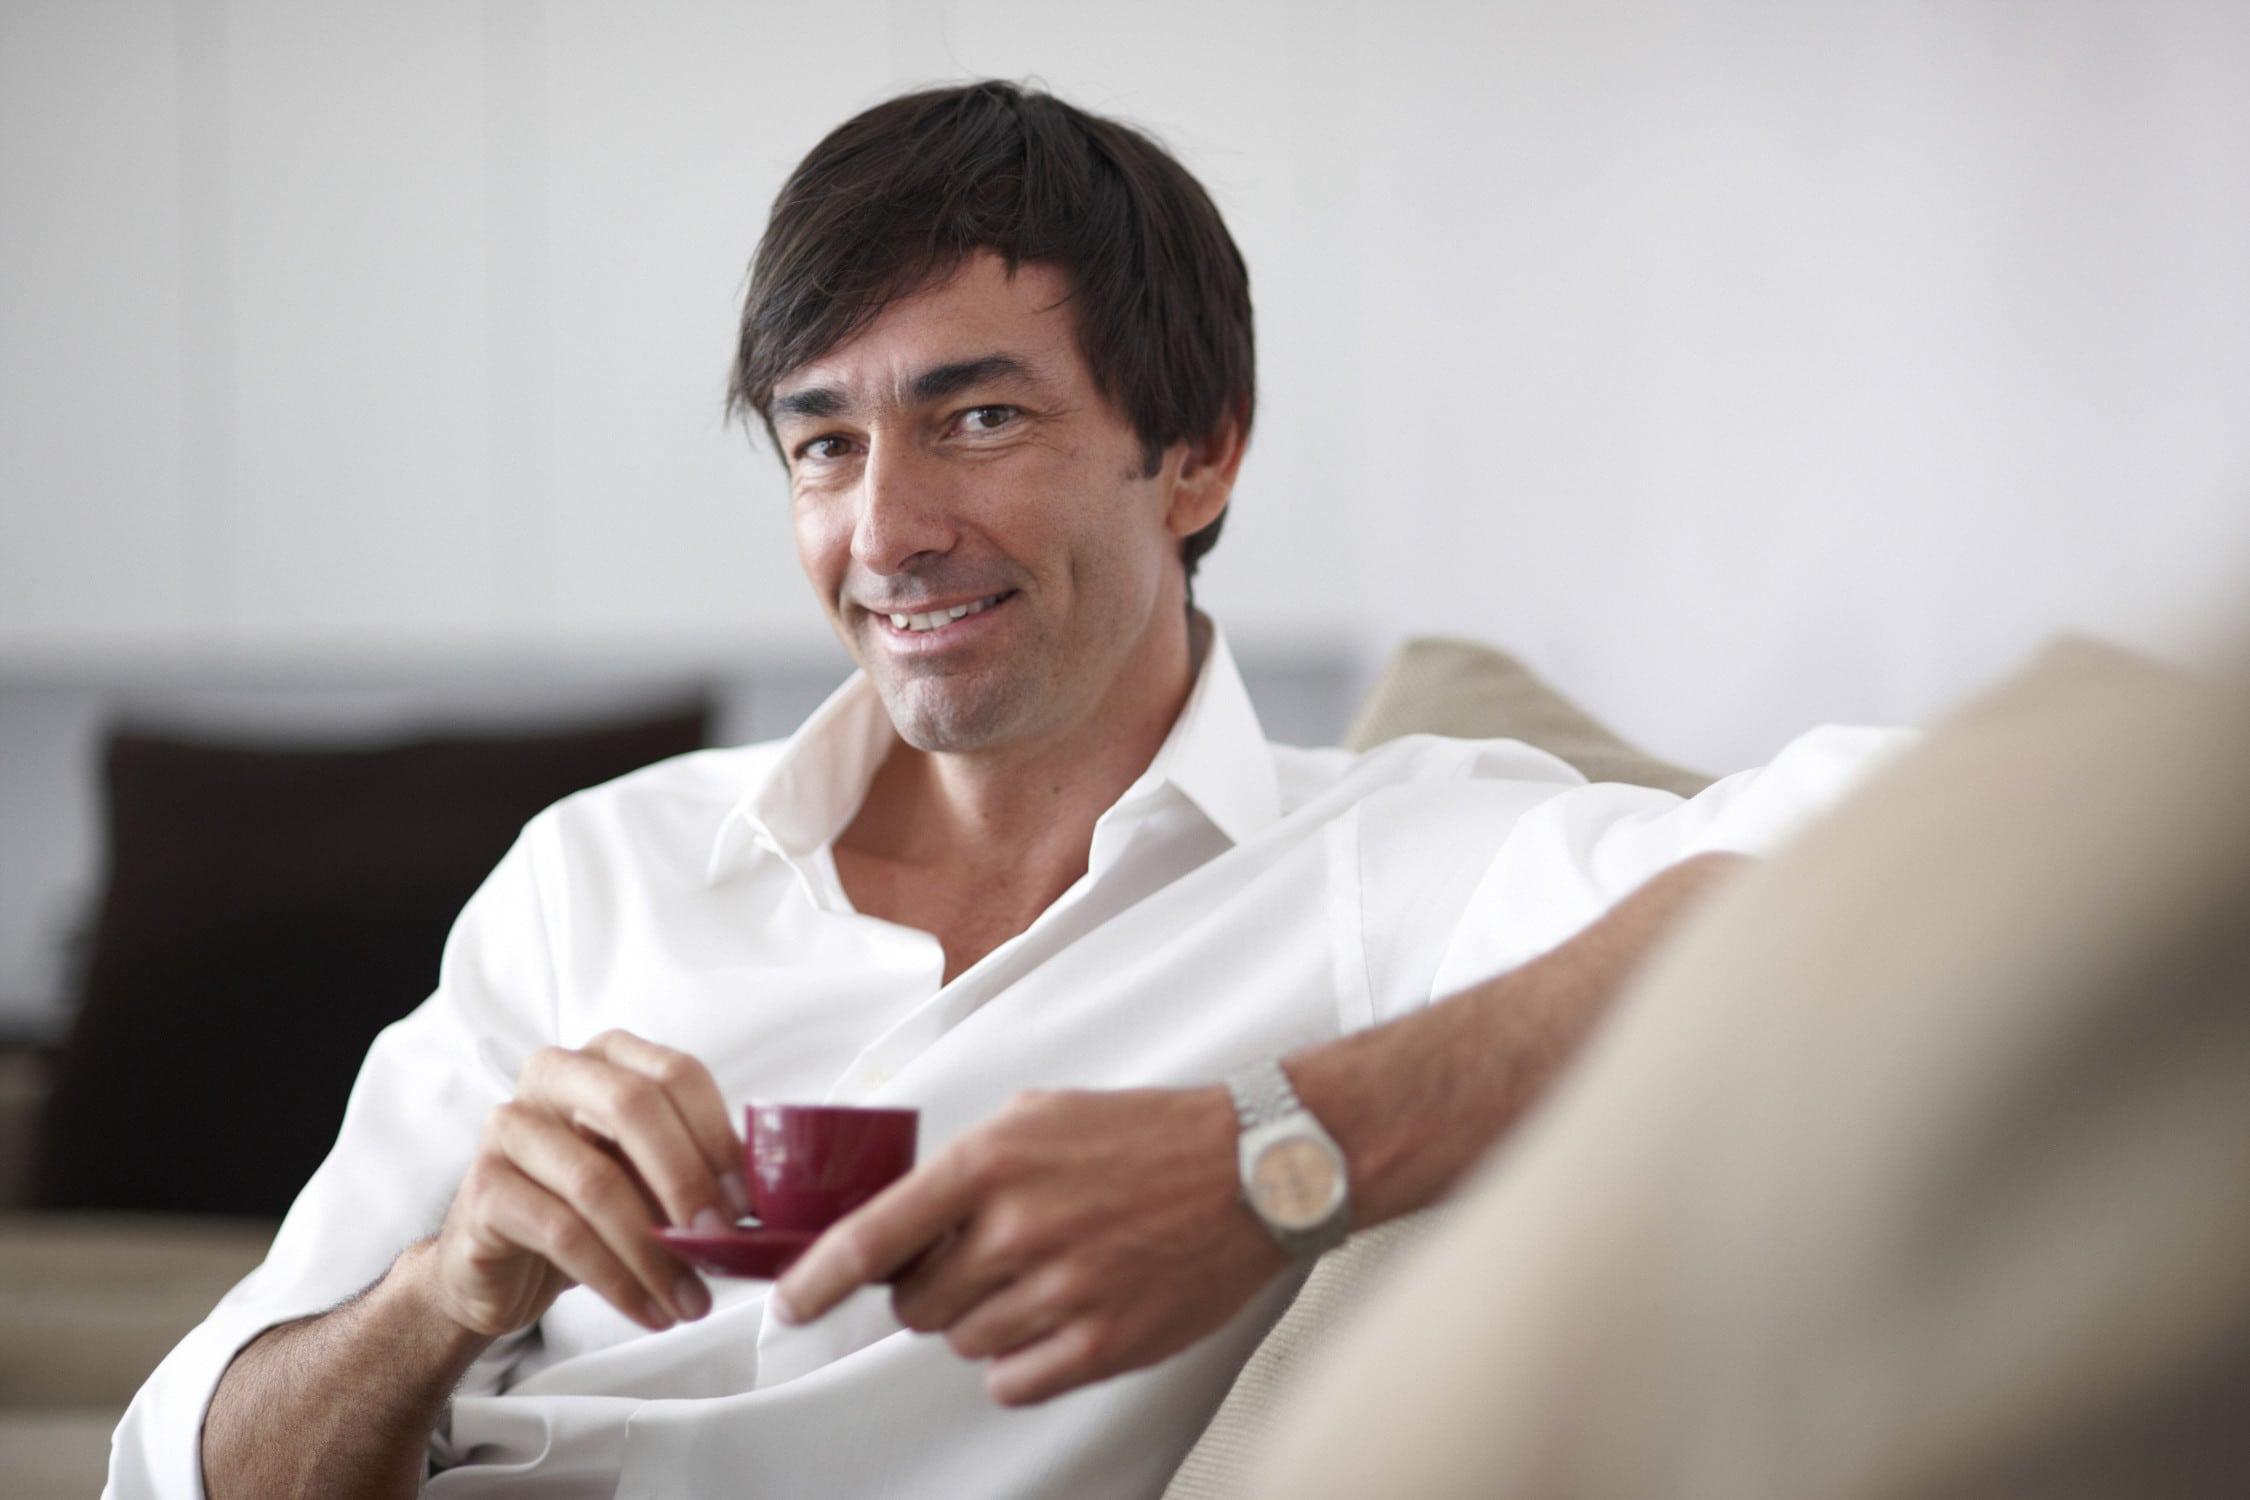 Relaxtet Typ genießt eine Tasse Kaffee auf dem Sofa sitzend